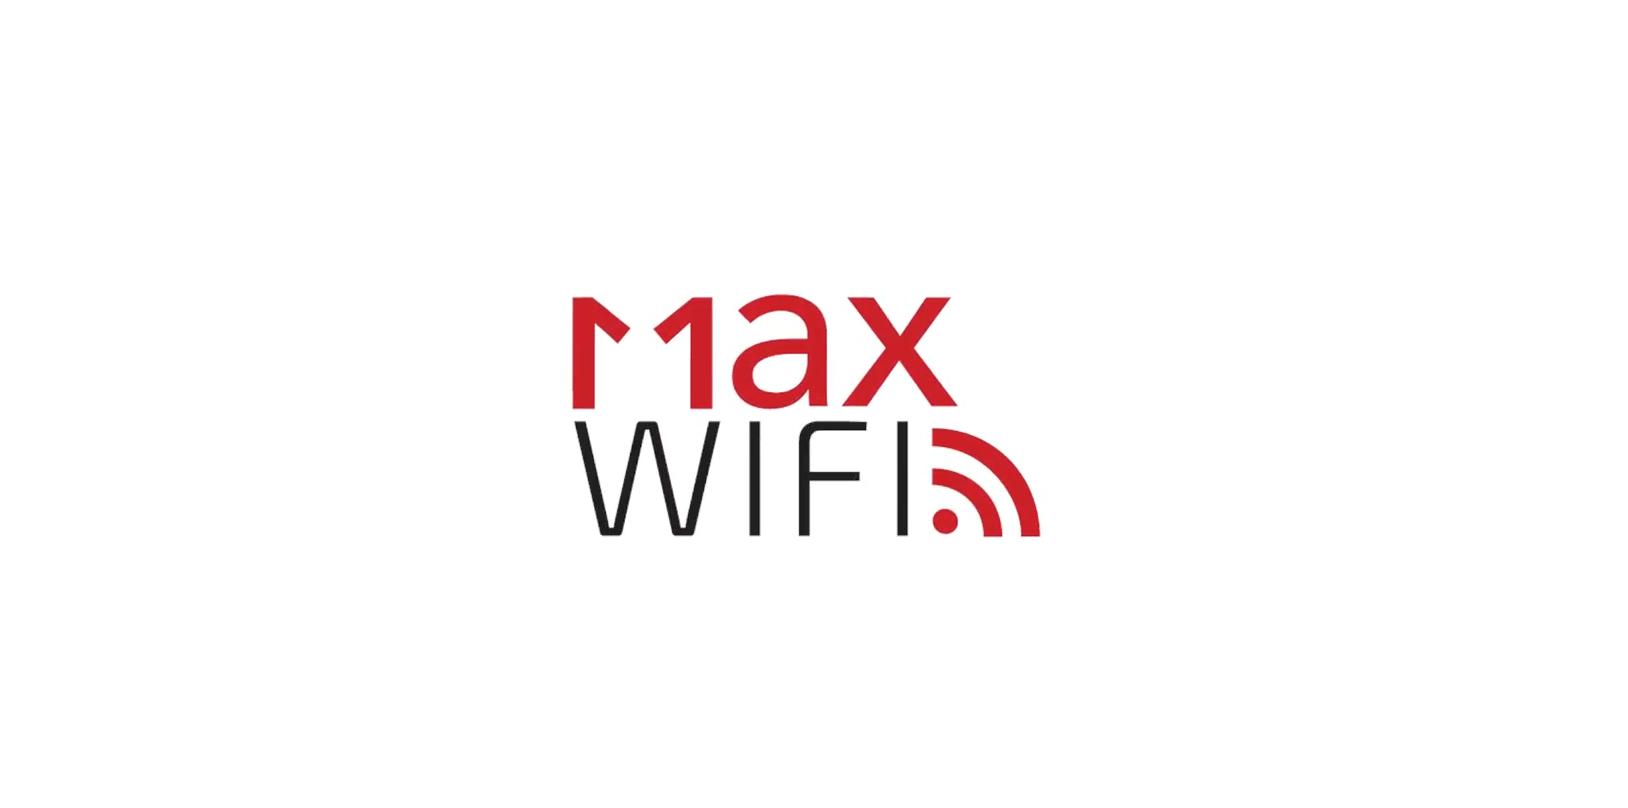 تمام چیزهایی که لازم است در مورد نسل ششم وای فای با نام 802.11AX بدانید